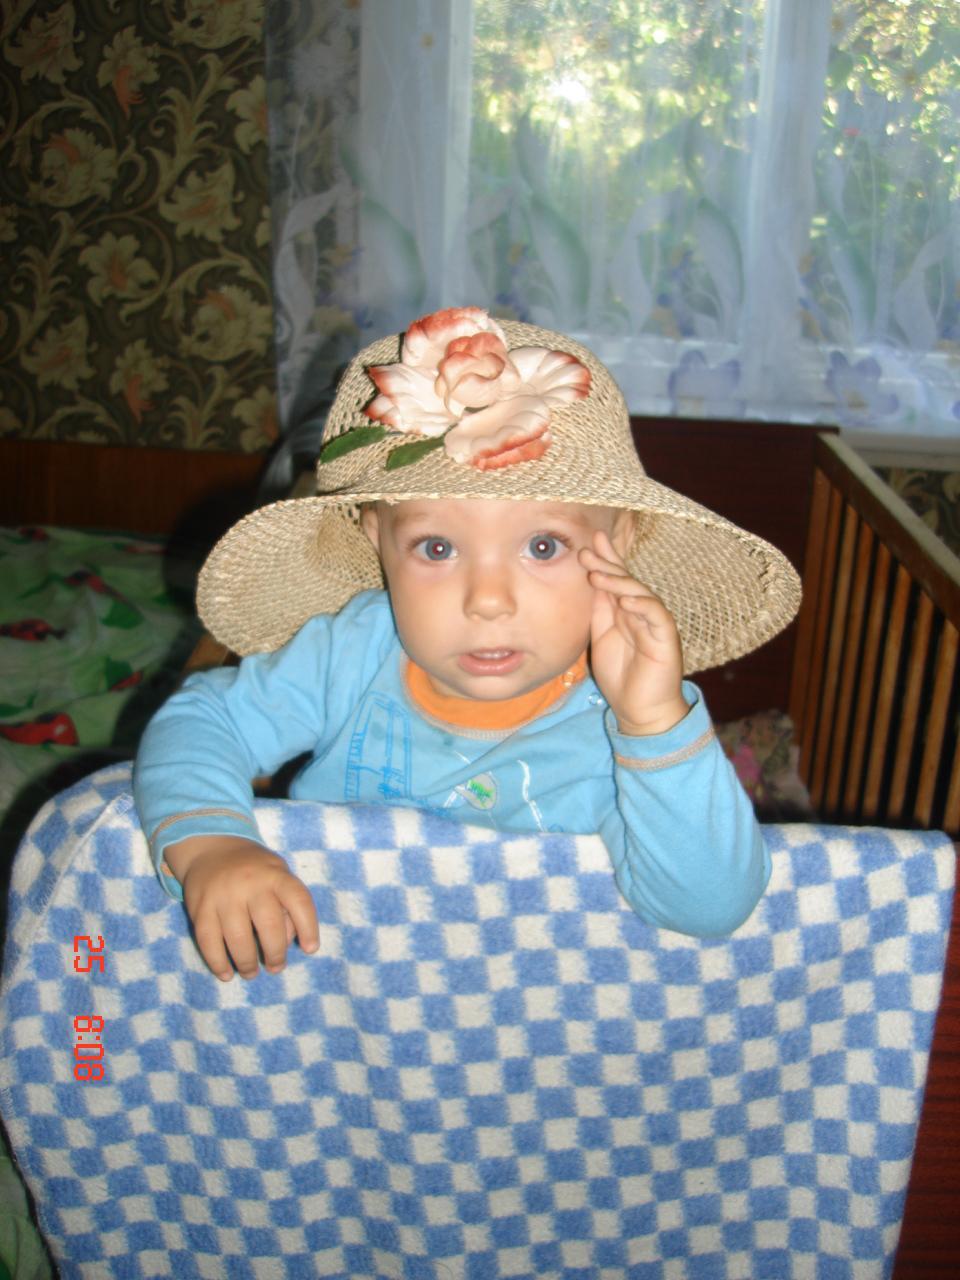 ой, моя шляпка!. Белая панама